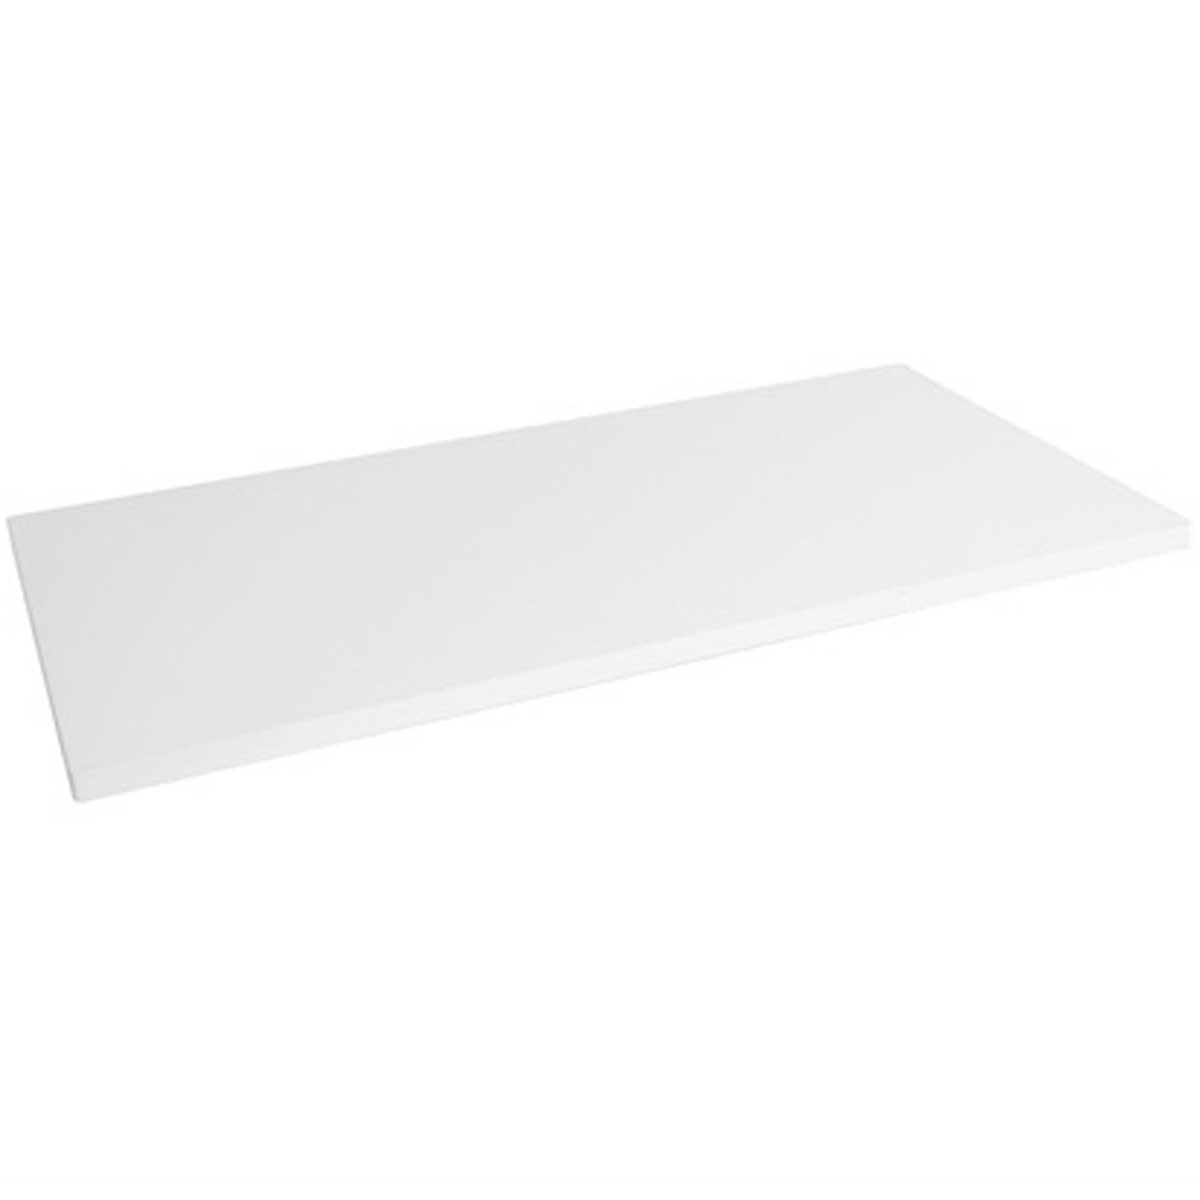 Prateleira decorativa em MDP suporta até 15kg 90x25cm Branca